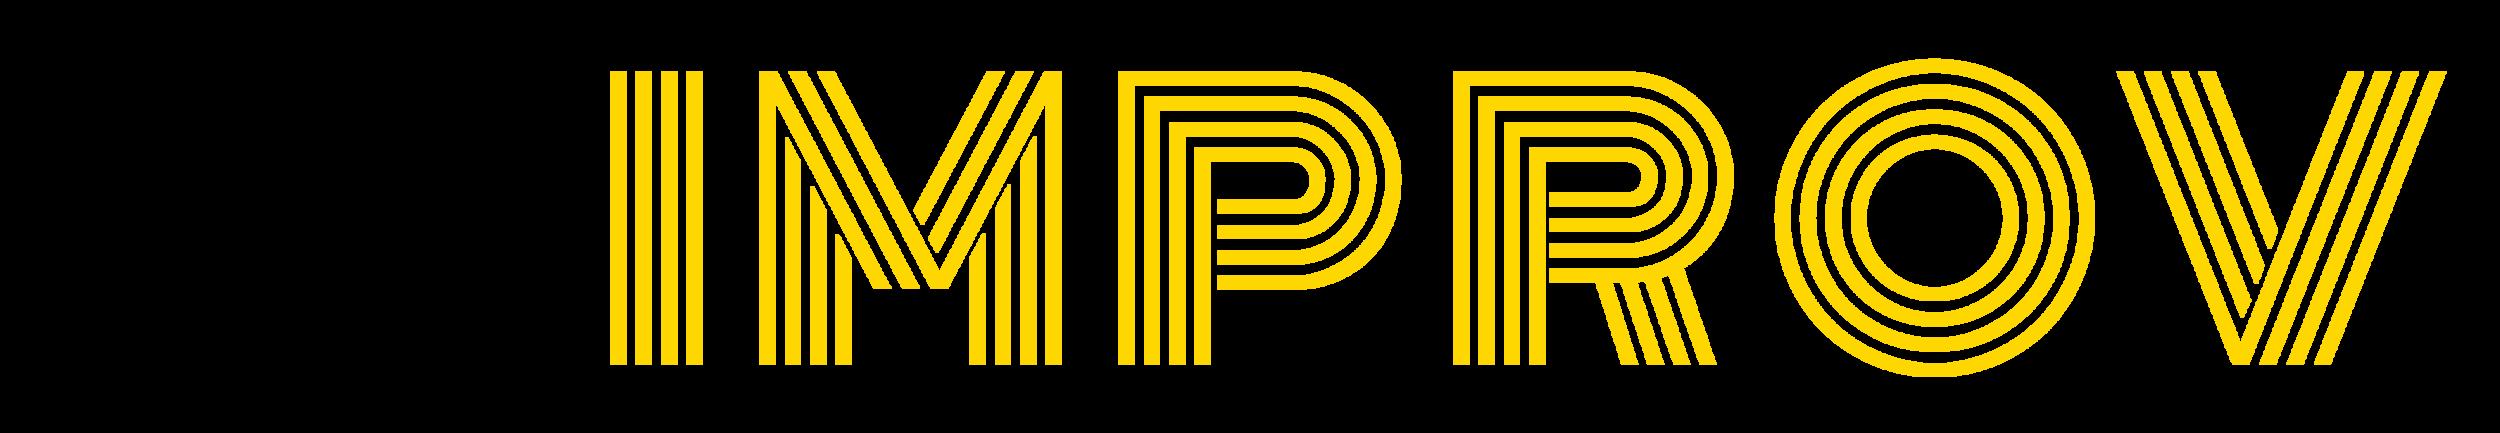 Seoul City Improv Logo Full Primary Alternate.png